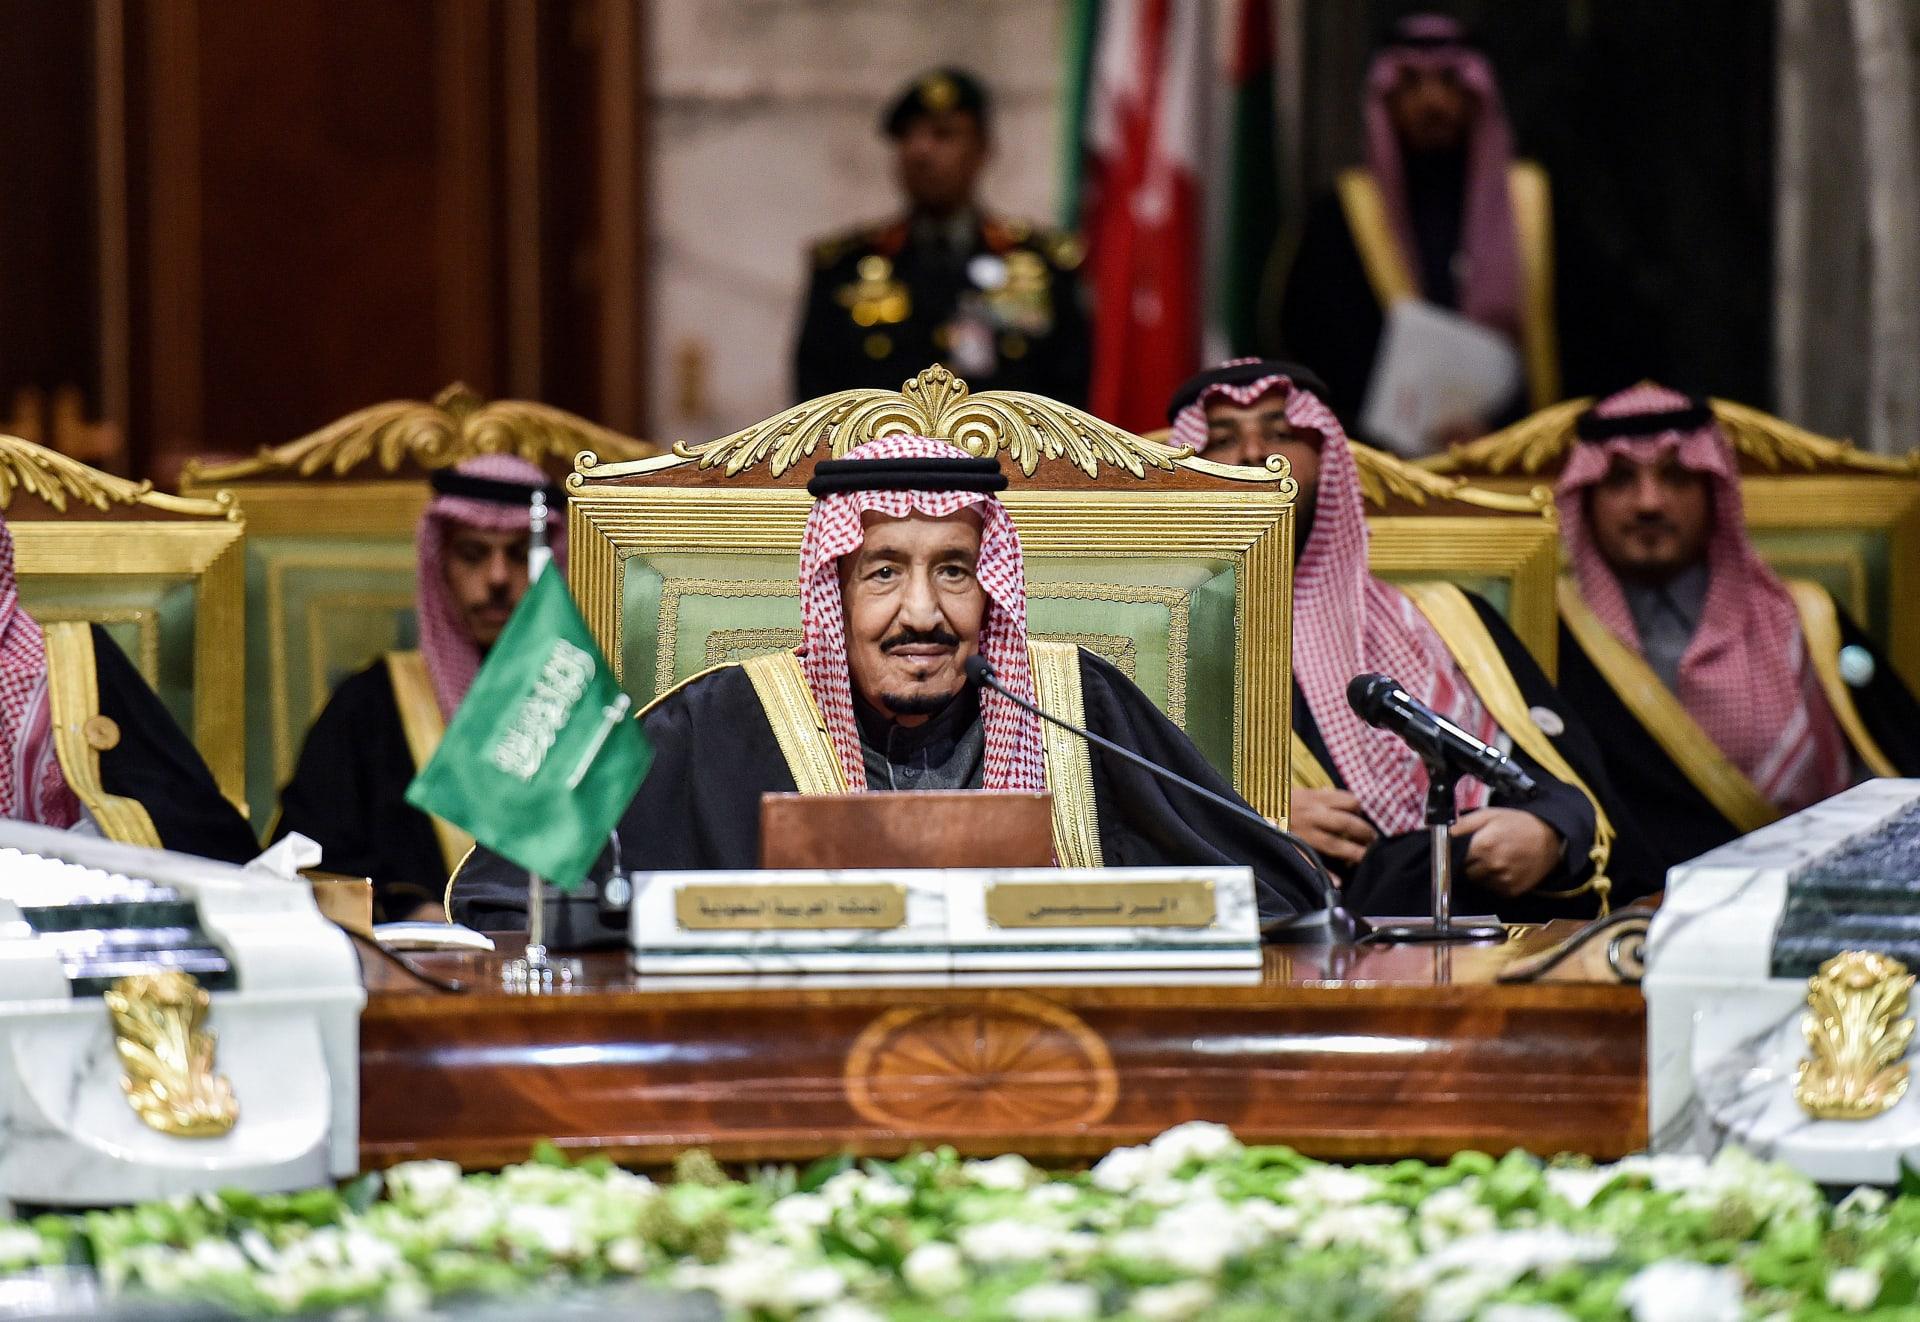 صورة أرشيفية للعاهل السعودي الملك سلمان بن عبدالعزيز